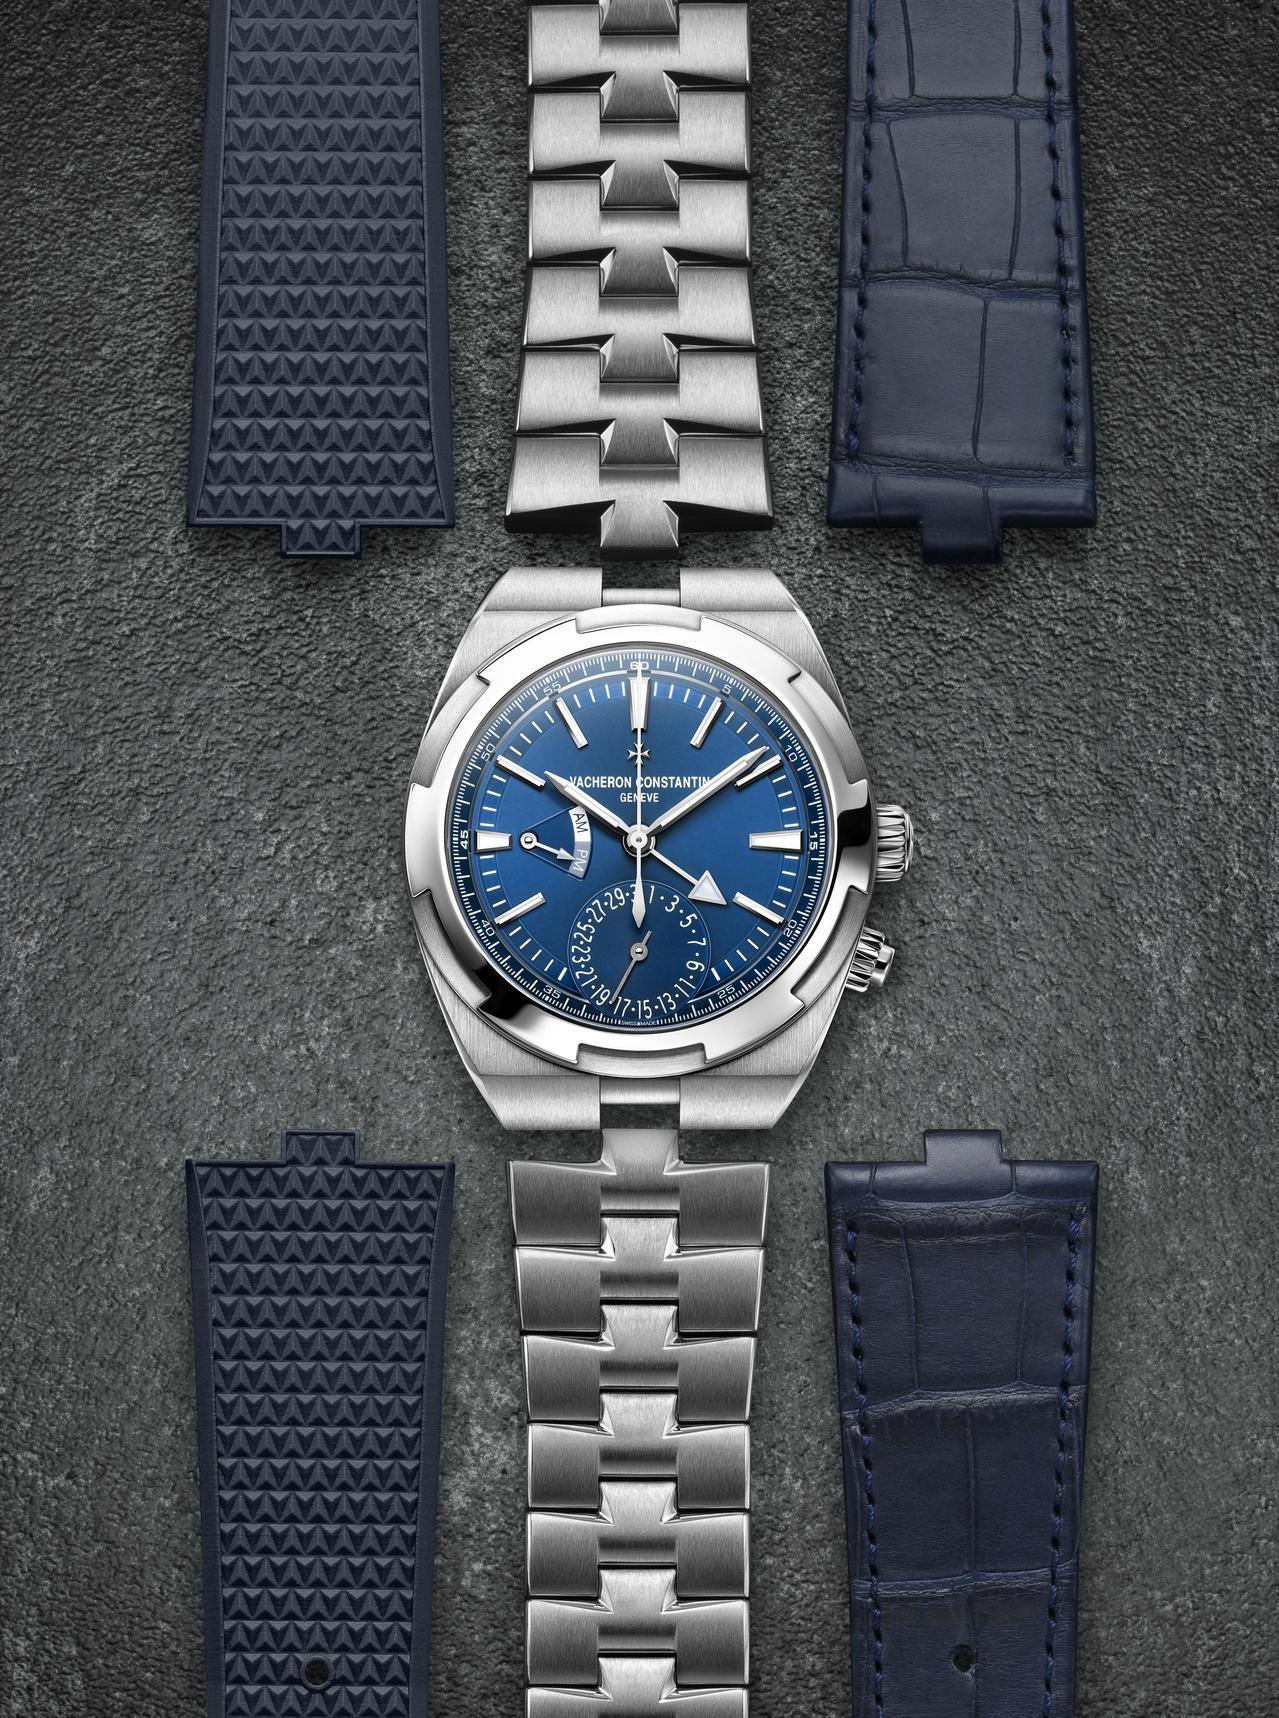 江詩丹頓Overseas兩地時間腕表,41毫米不鏽鋼表殼、5110 DT自動上鍊...